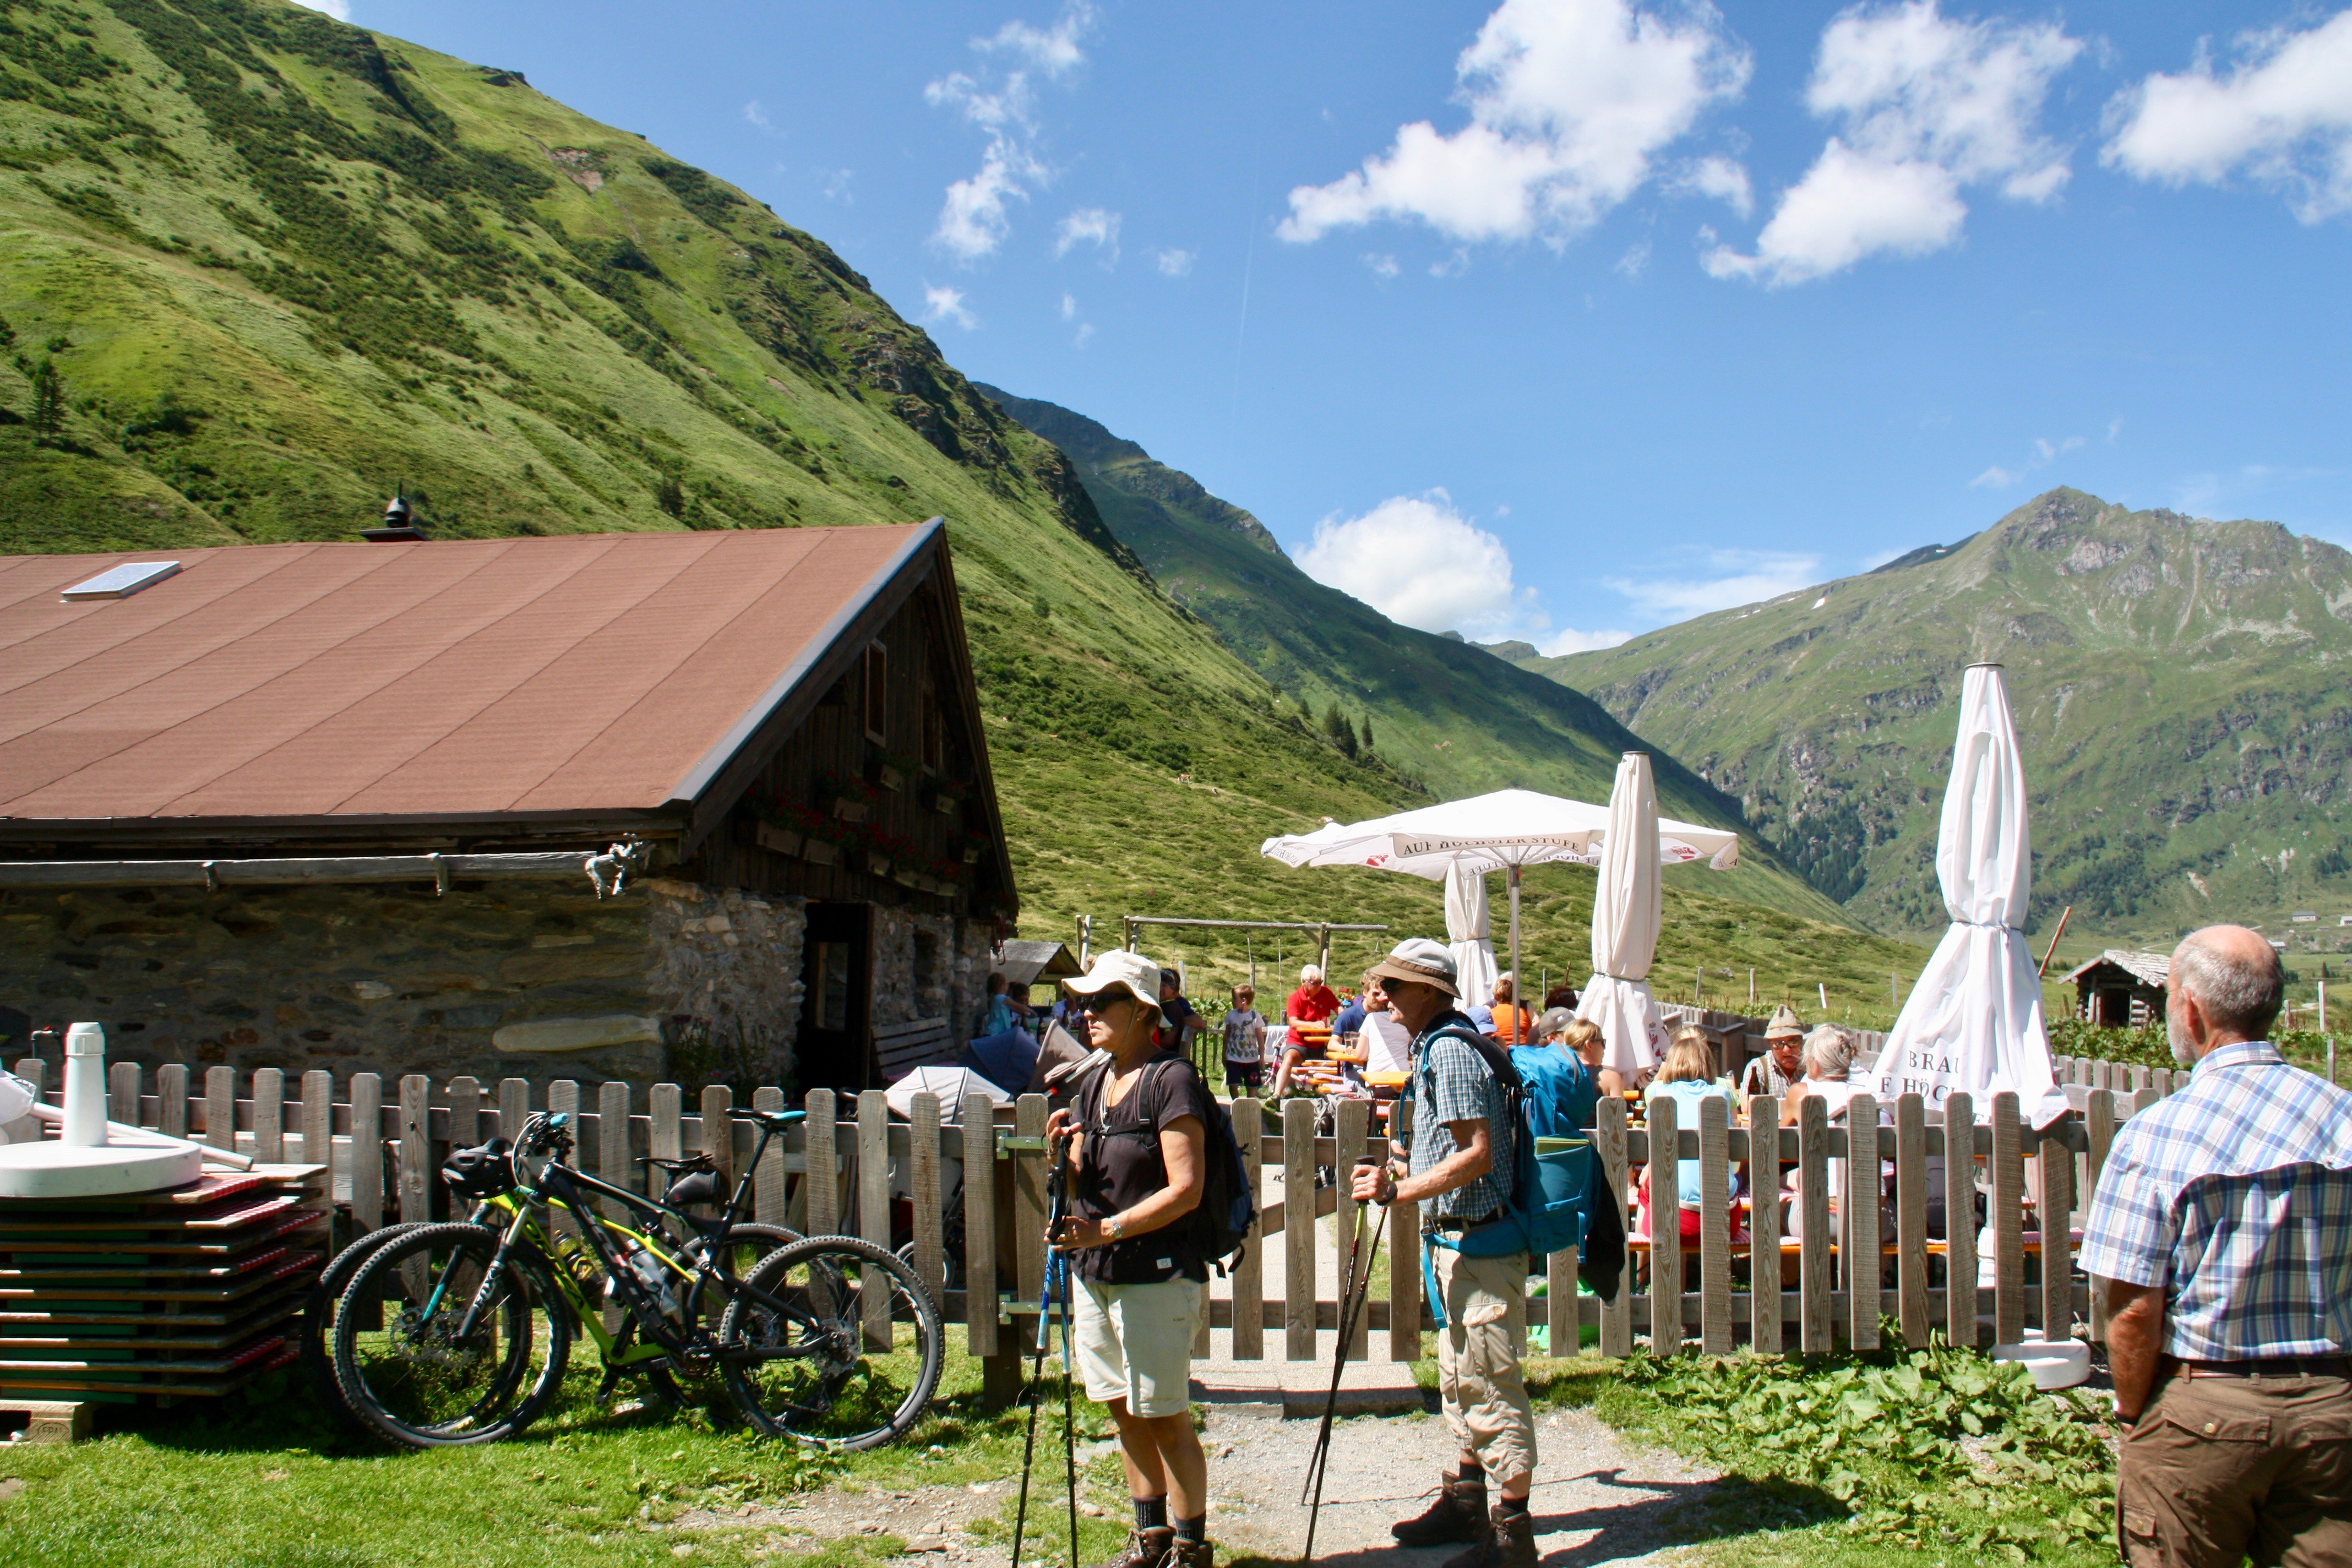 © SalzburgerLand Tourismus, Martina Egger, Nach der Arbeit genießt Tom die Ruhe auf der Alm